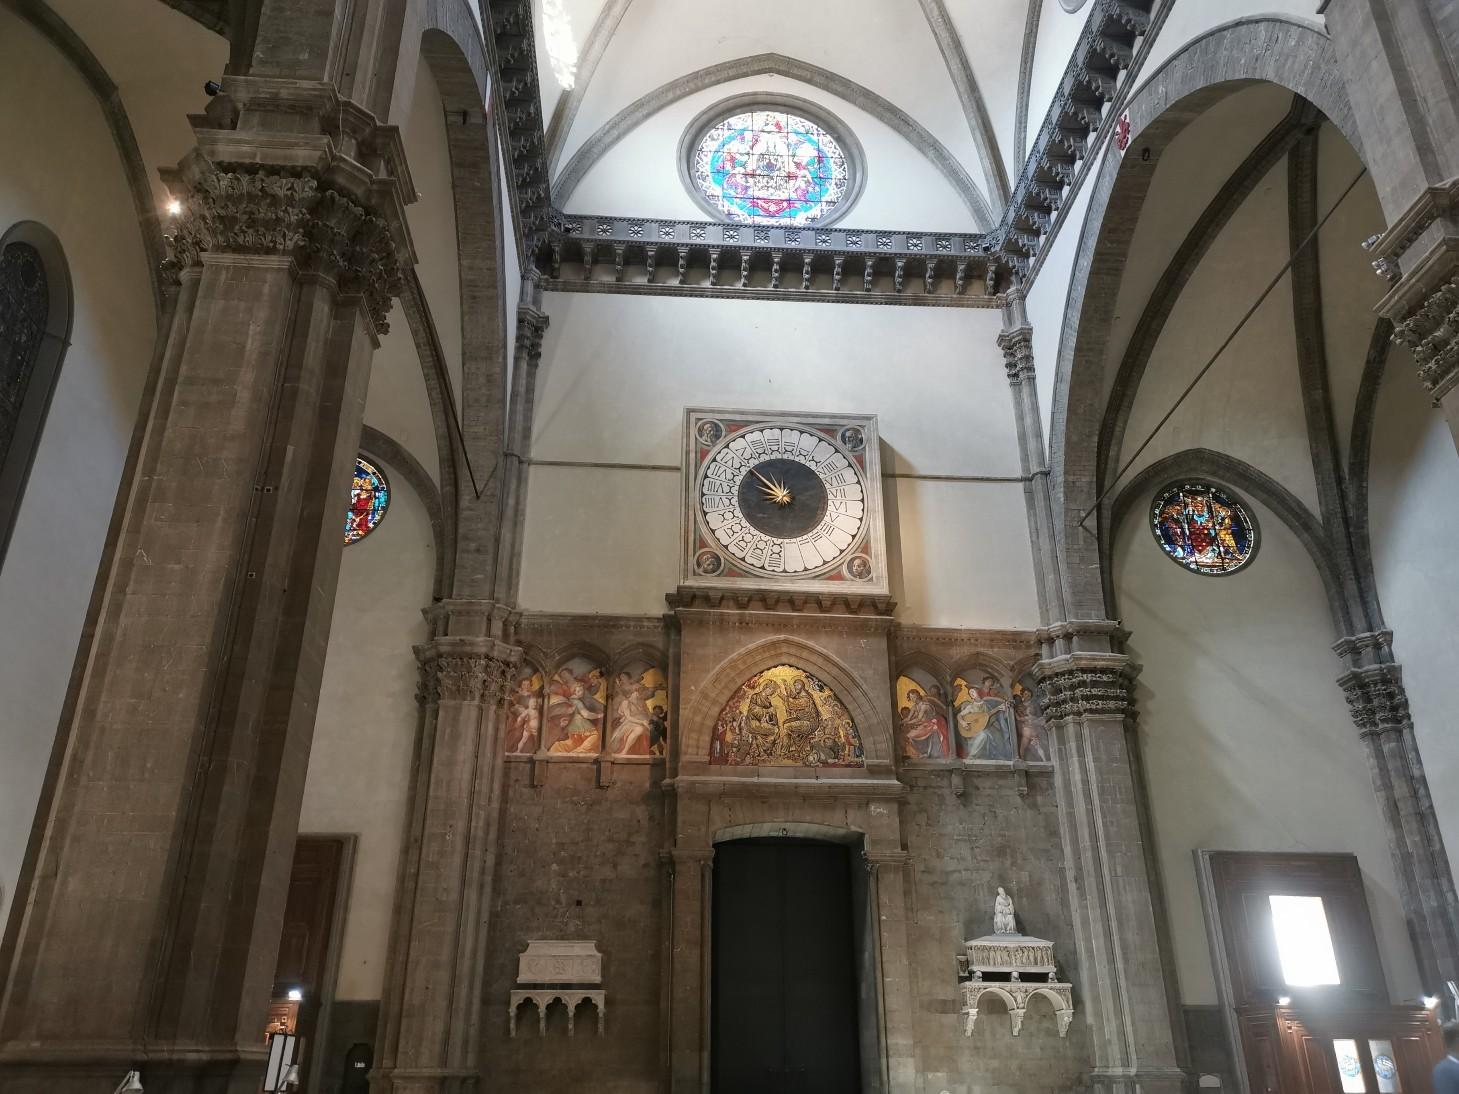 祈り〜フィレンツェ、サンタマリア・デル・フィオーレ大聖堂_f0106597_06153200.jpg